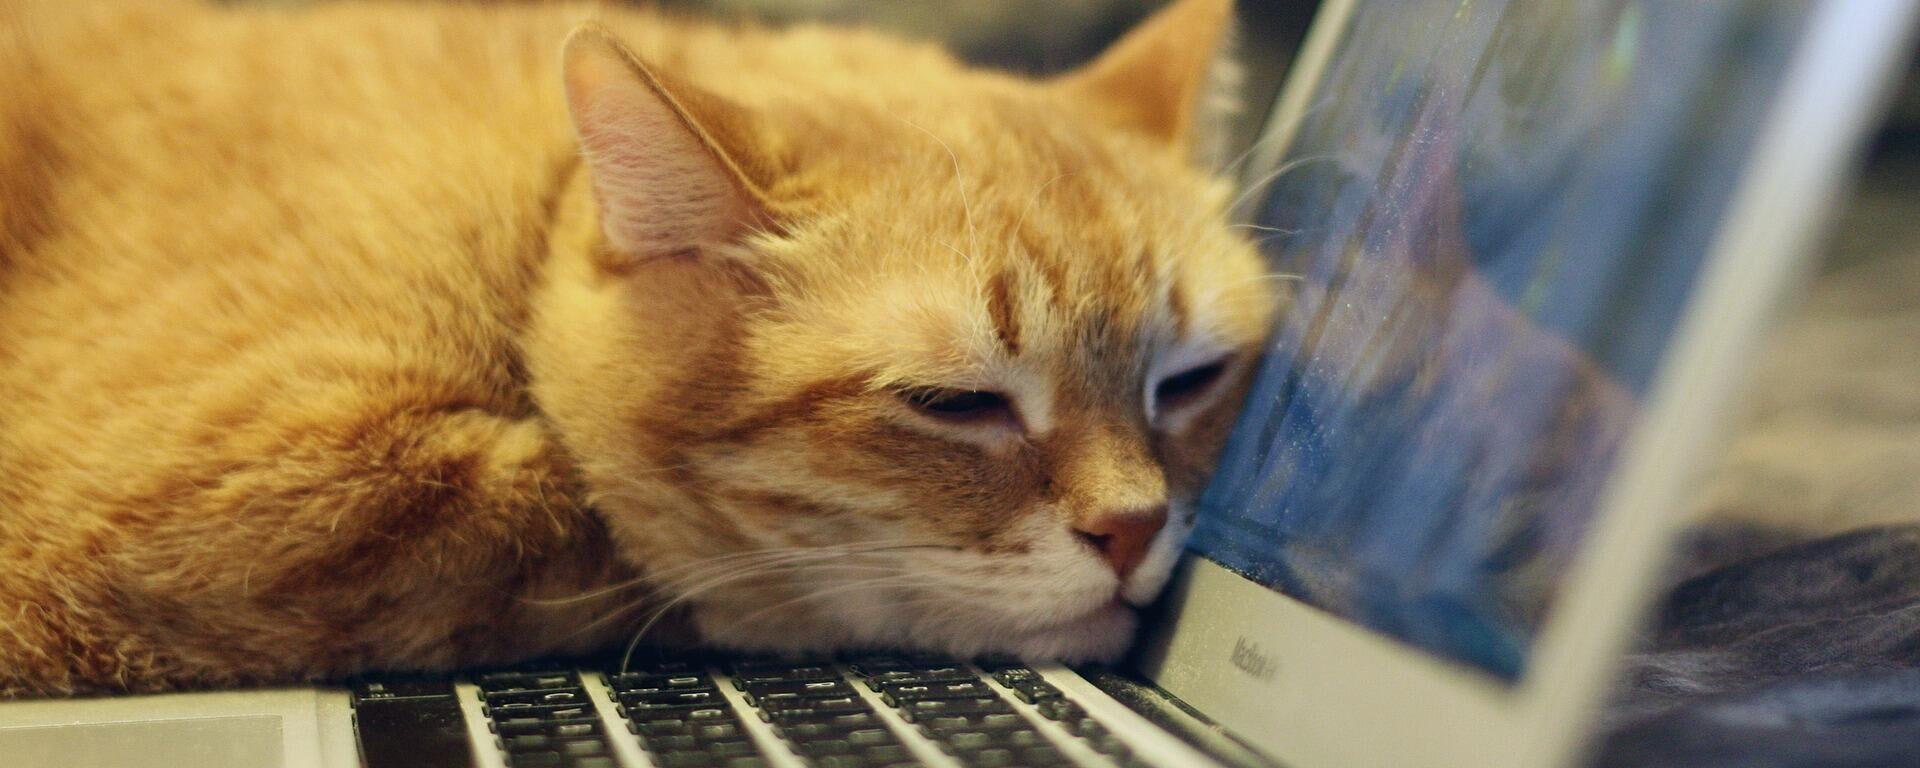 Katze am Laptop (Symbolbild) - SNA, 1920, 10.02.2021